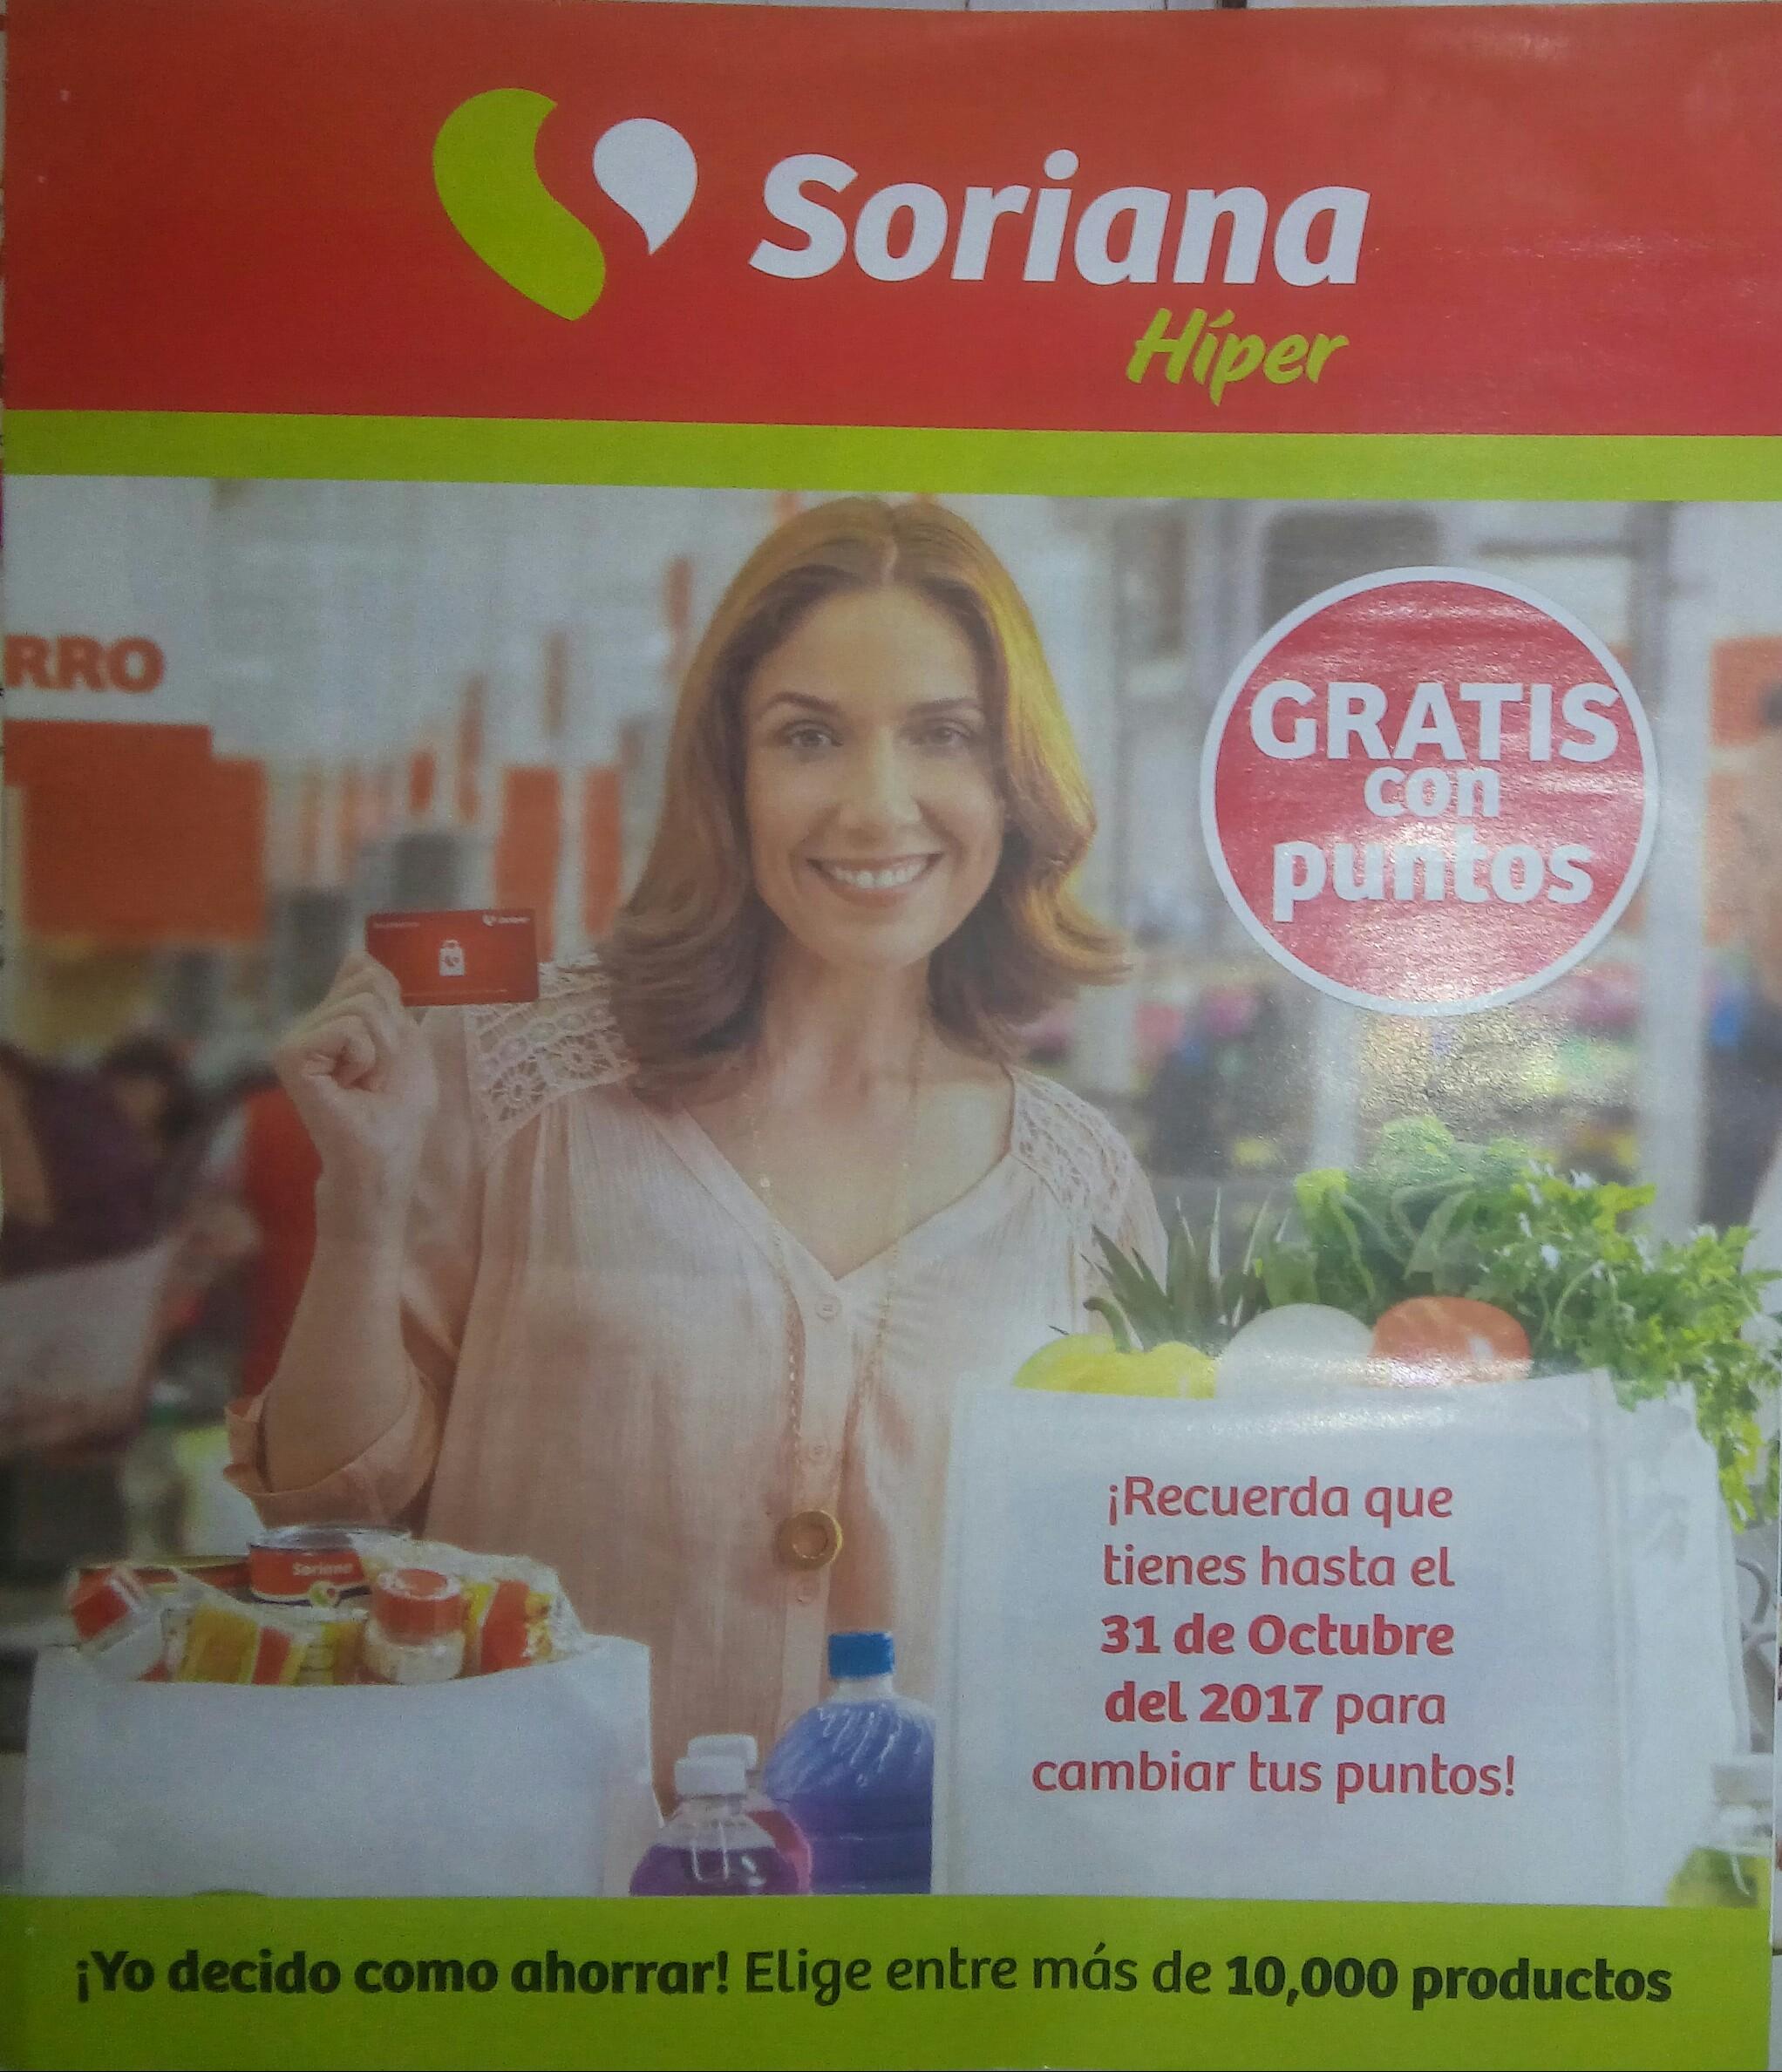 Soriana hiper: folleto para llevarte productos gratis con tus puntos